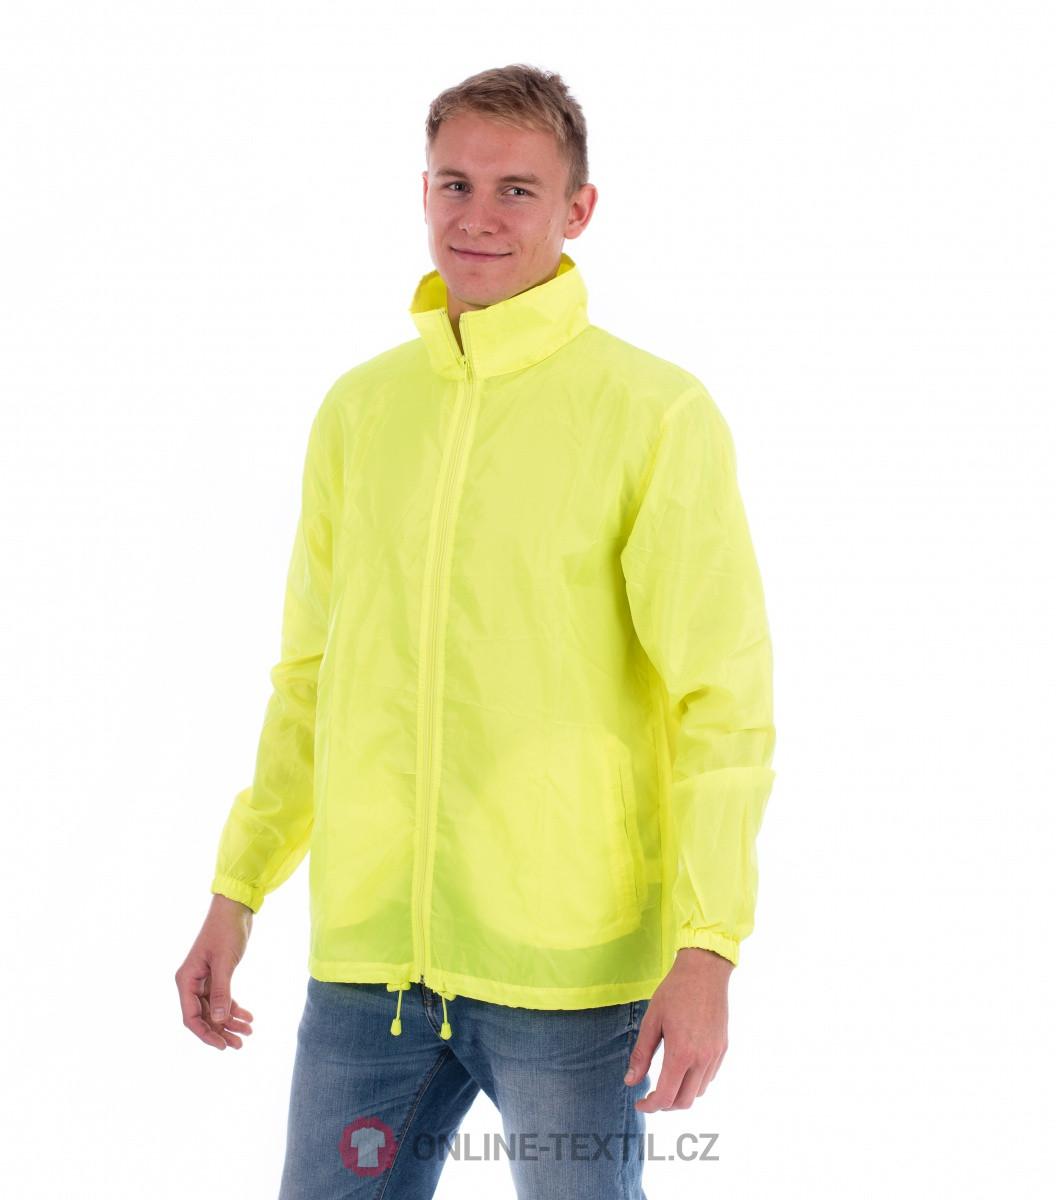 ADLER CZECH Unisex Vetrovka Windy 524 - neon yellow z kolekcie ... 5c07ea8a308